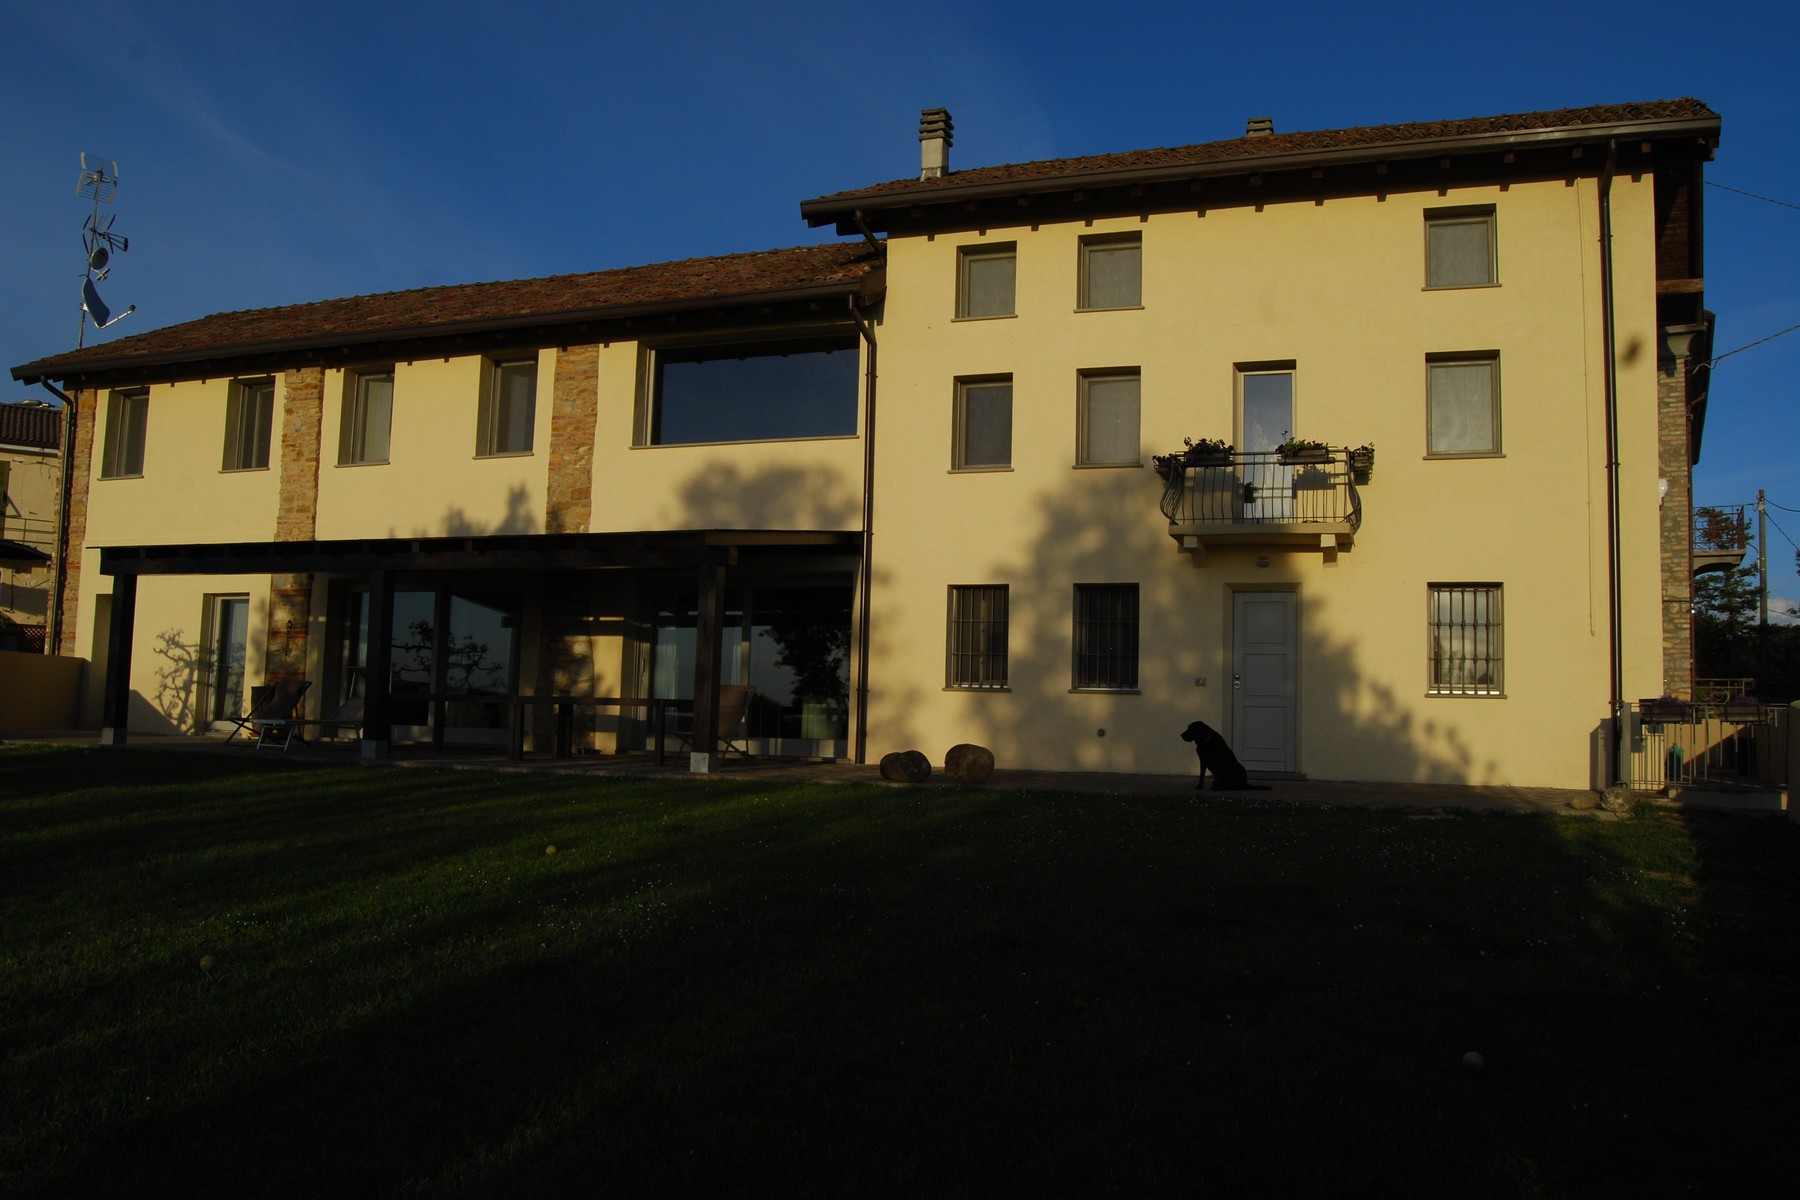 Rustico in Vendita a Montemarzino: 5 locali, 300 mq - Foto 20